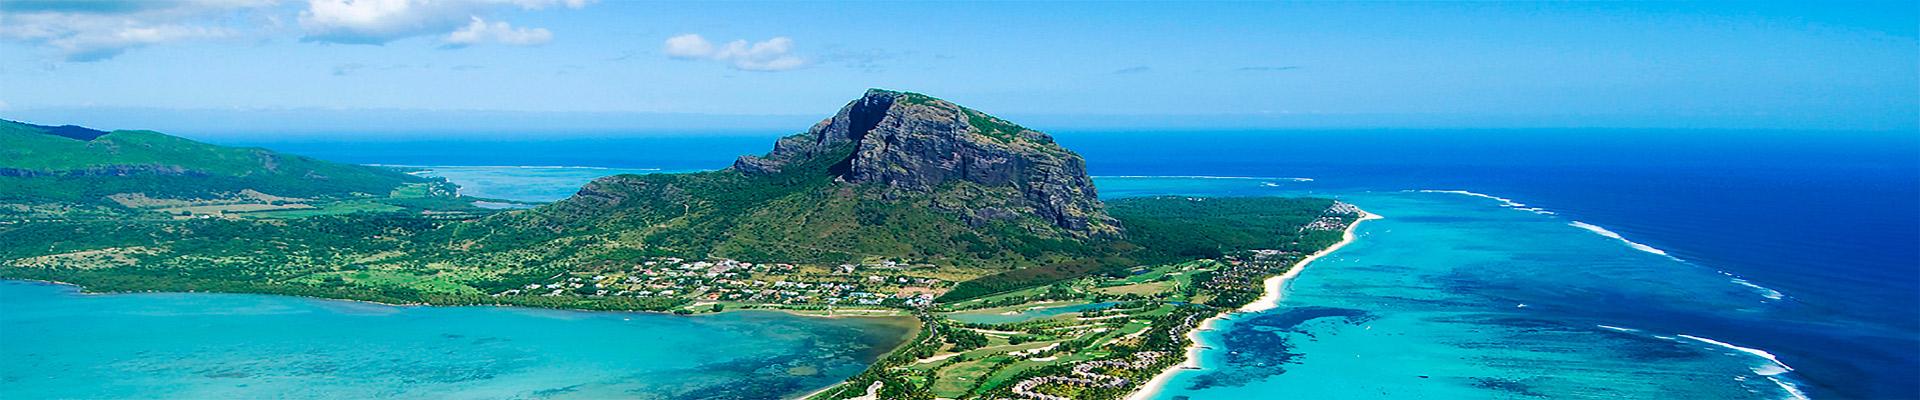 Mauritius e África do Sul